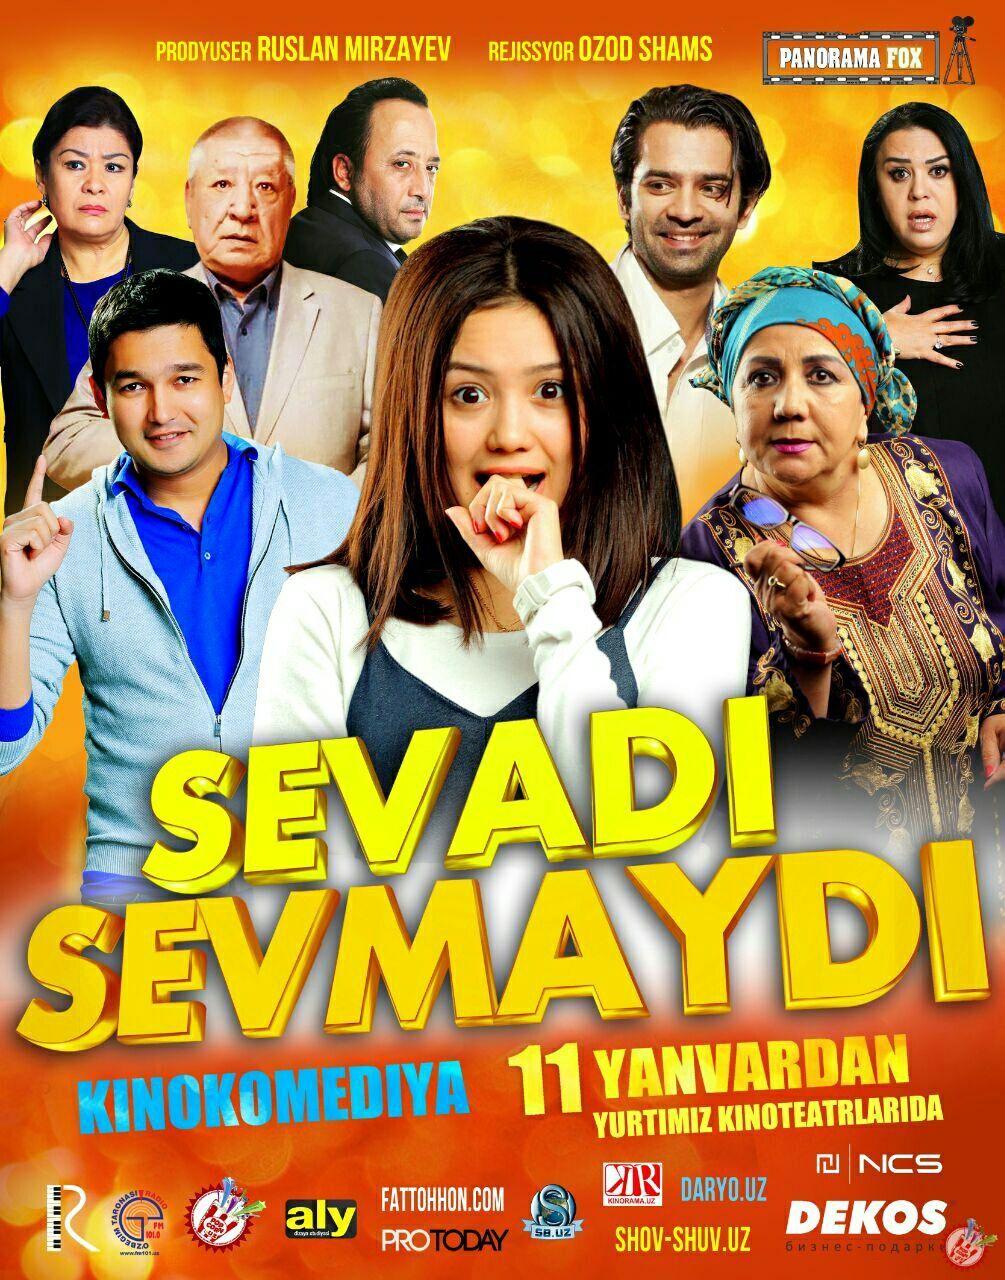 Узбек кино комедии 2017 и 2018 смотреть онлайн бесплатно